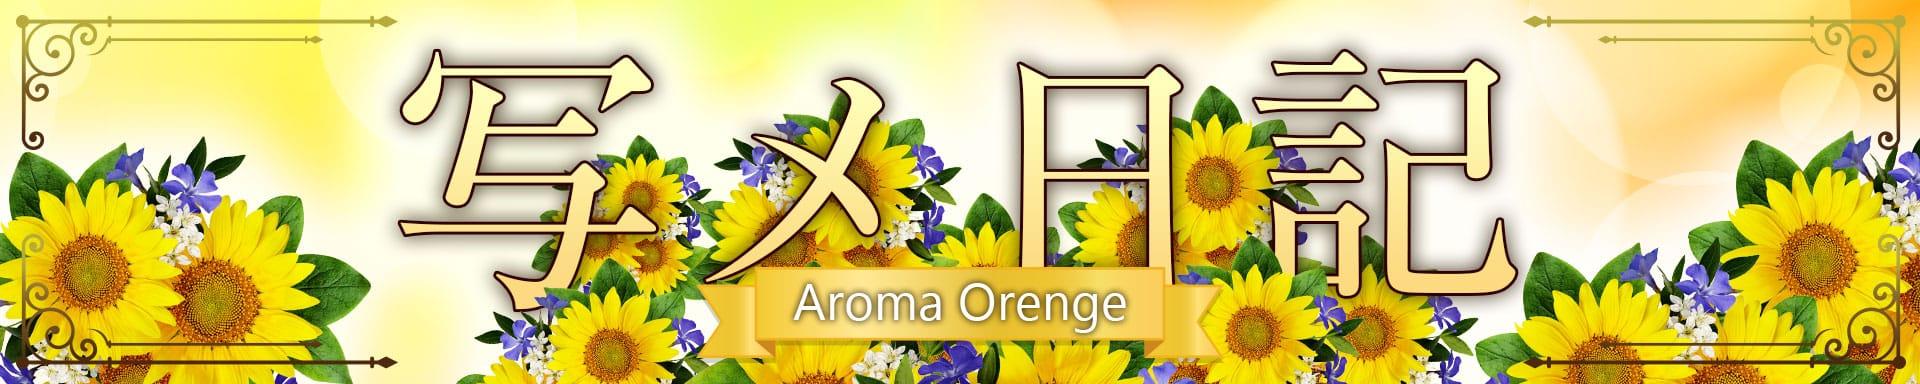 アロマオレンジ その3